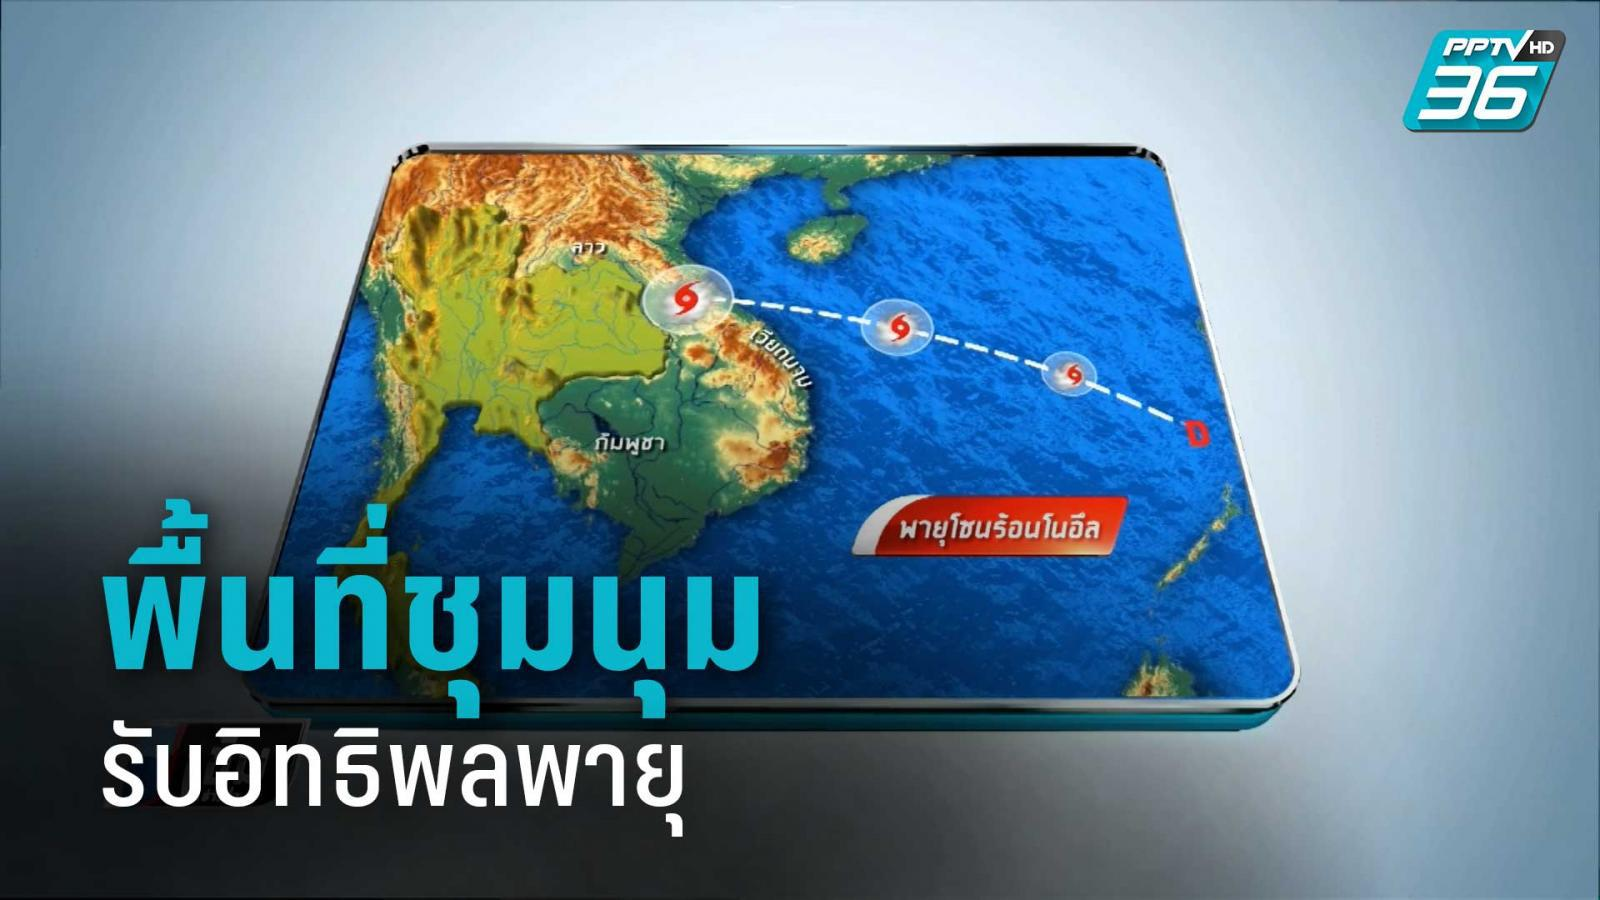 อุตุฯ เผย พื้นที่ชุมนุม 19-20 ก.ย. ได้รับอิทธิพลพายุไต้ฝุ่น